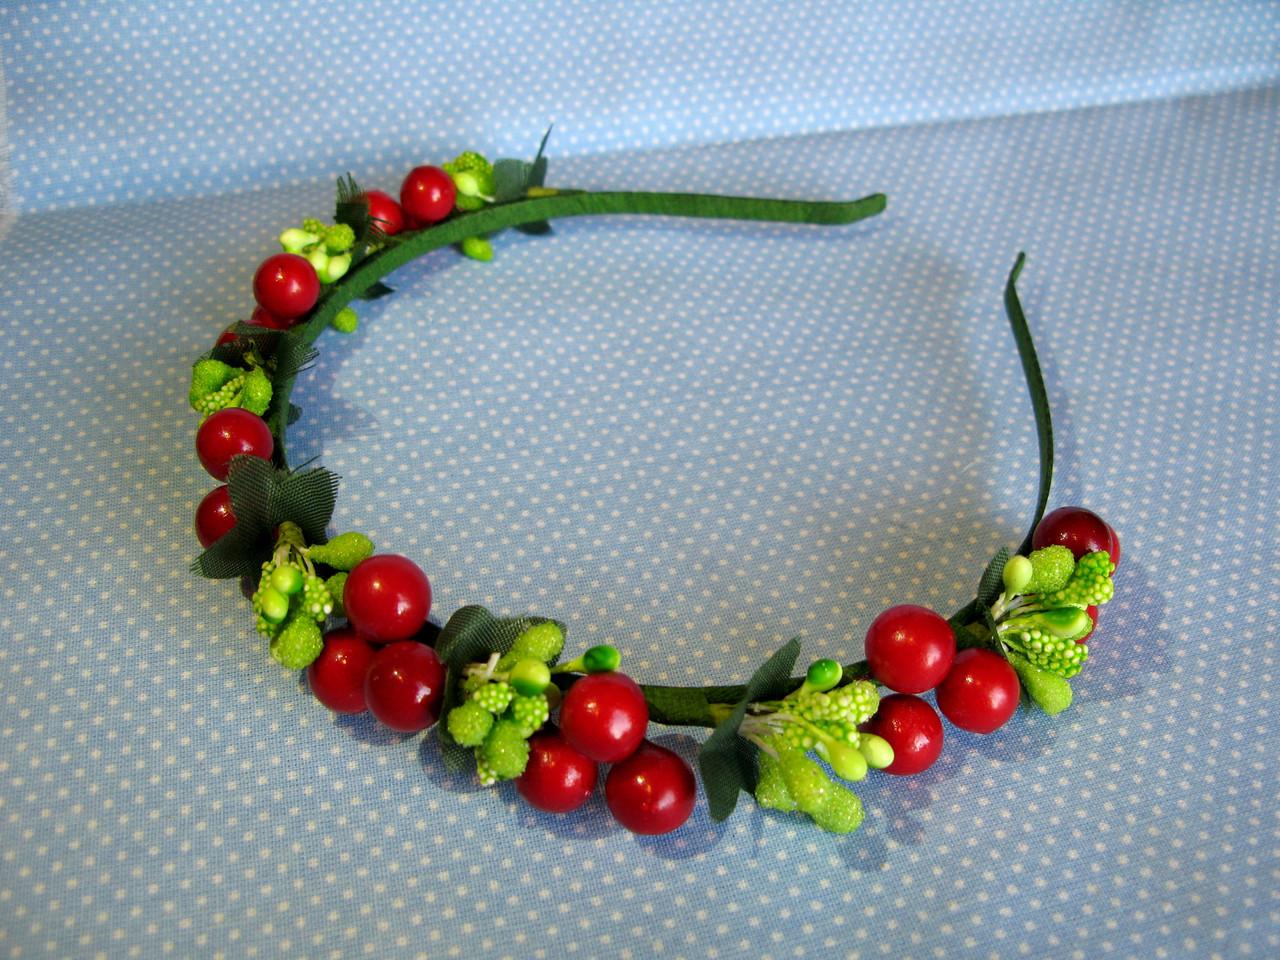 Обруч з цукровими ягодами калини та листочками 85 грн